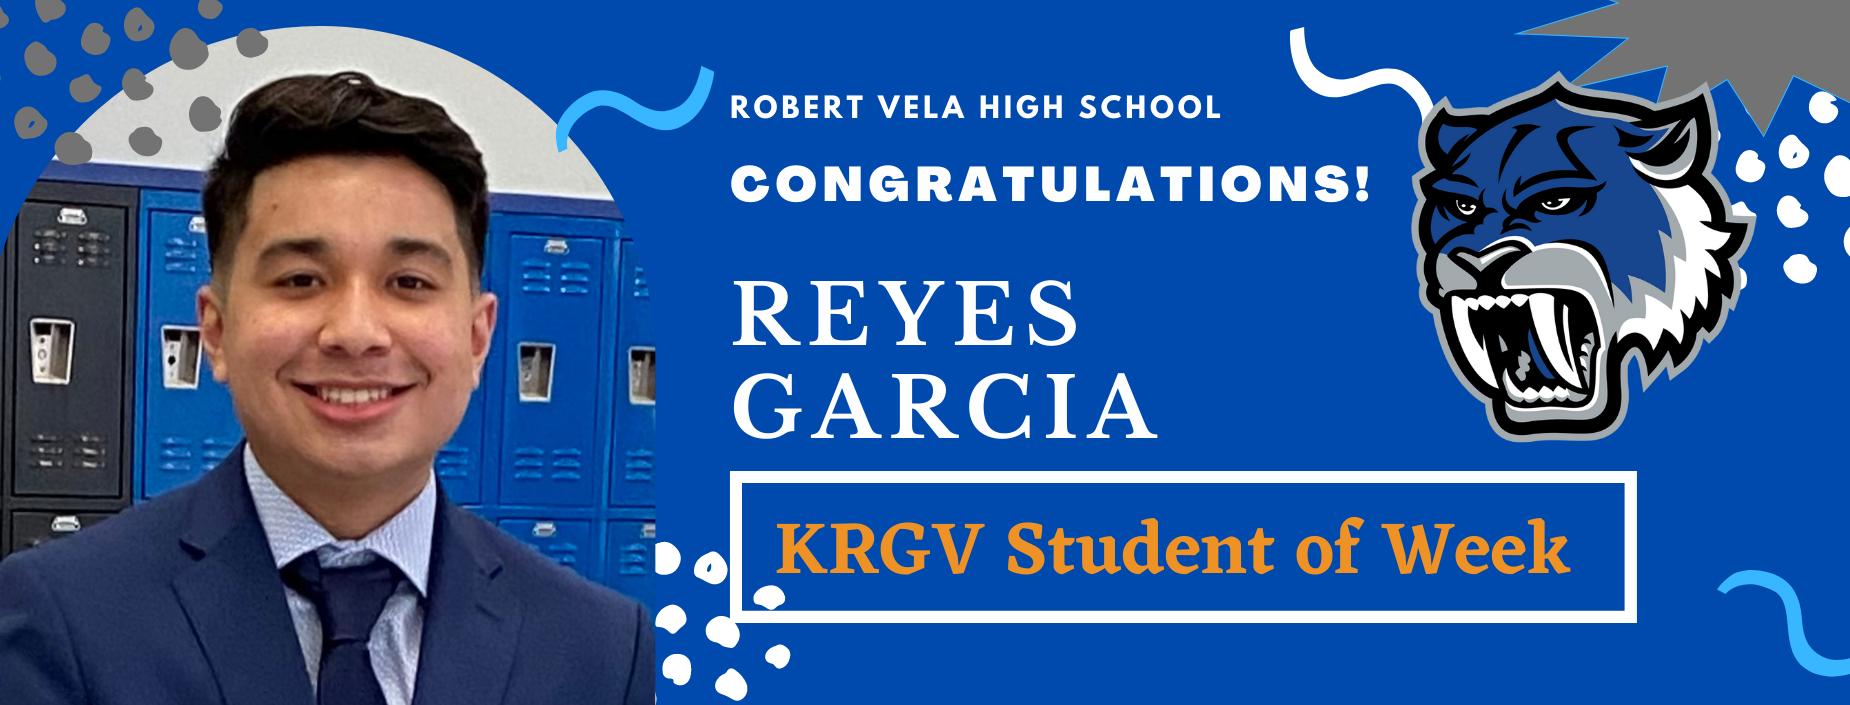 Reyes Garcia KRGV student of the week